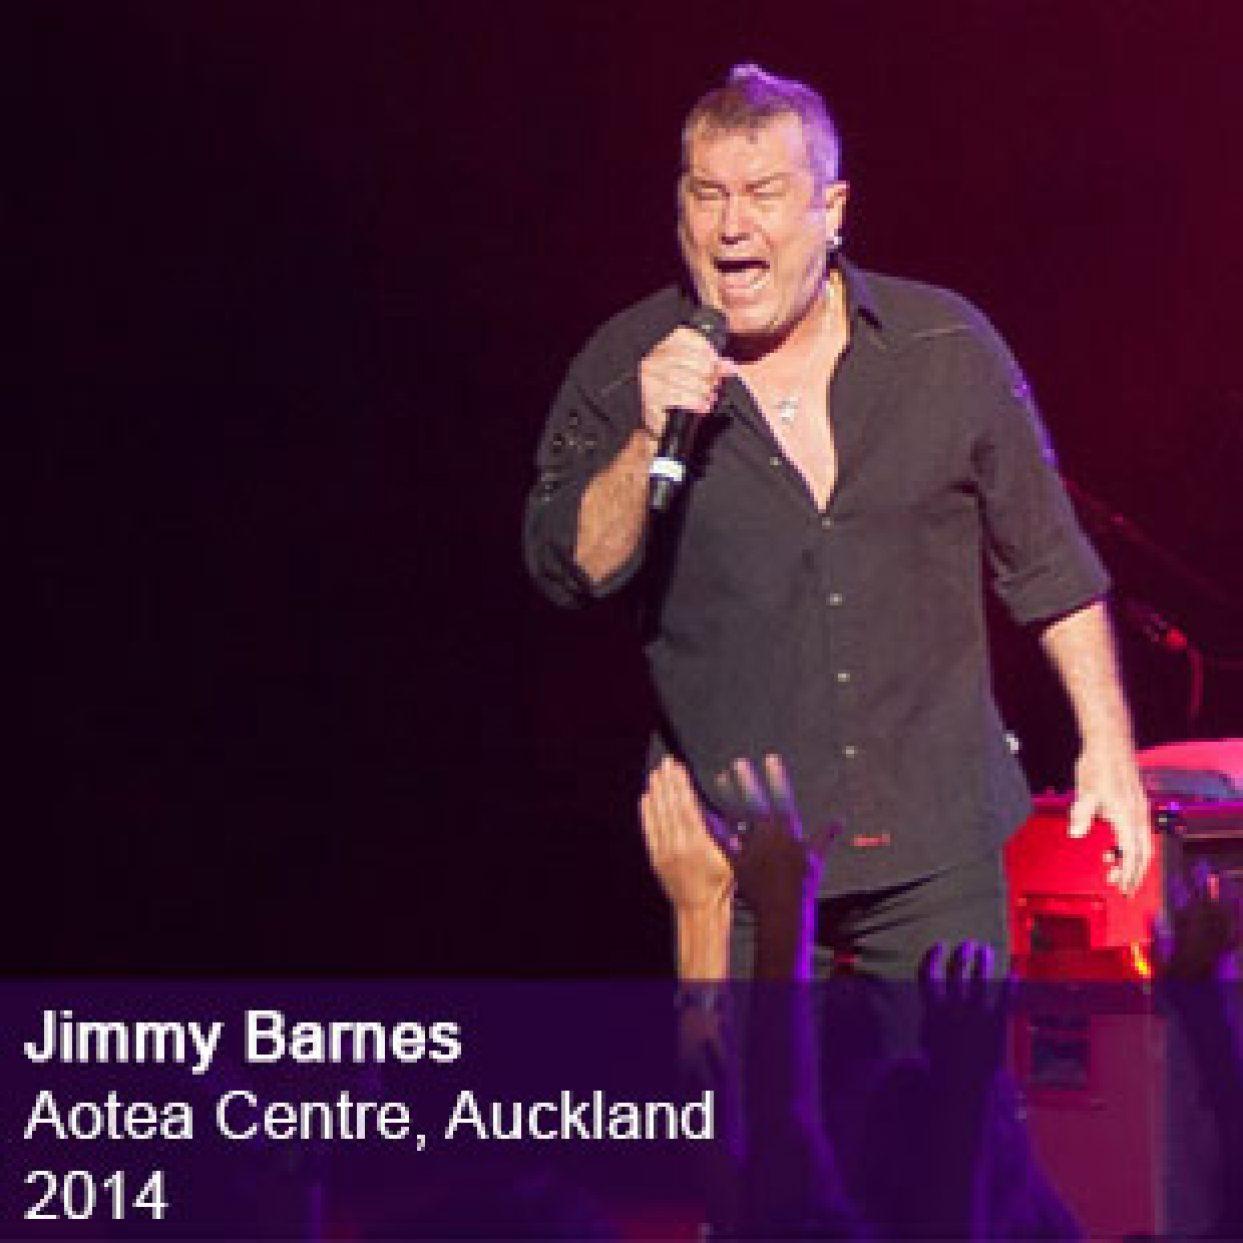 Jimmy Barnes live